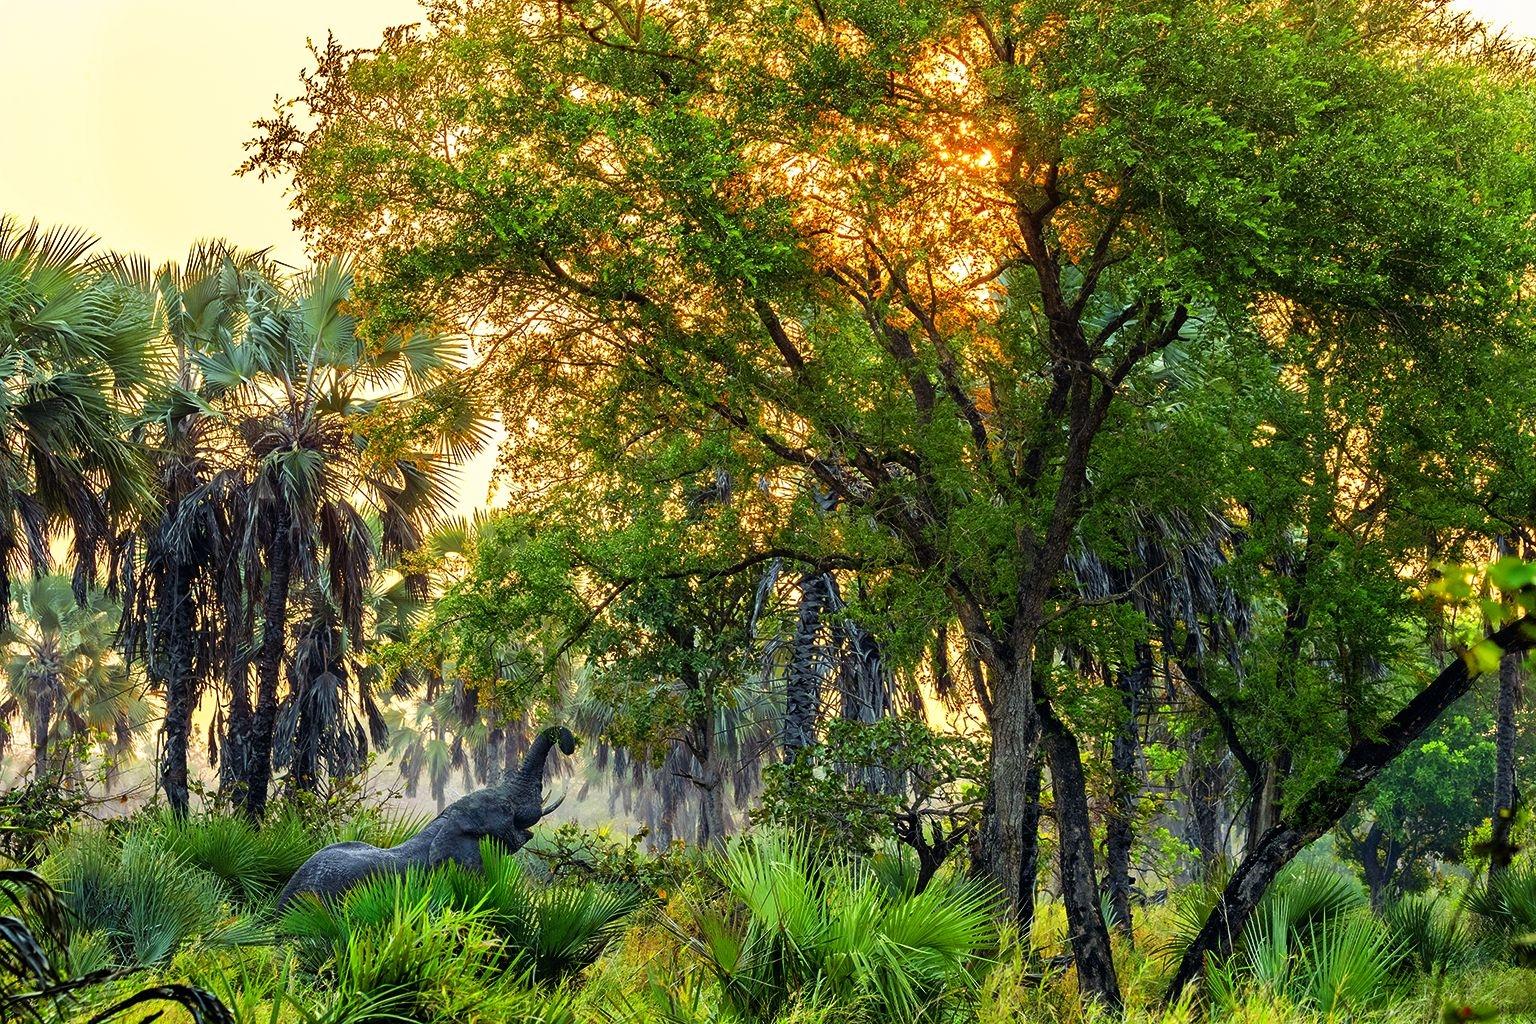 在莫三比克的哥隆戈薩國家公園裡,一隻公象正在抓取牠傍晚的點心。公園內大部分的大象都在長達15年的內戰期間遭到殺害,牠們的象牙被用來購買武器。內戰在1992年結束,由於盜獵受到控制,大象族群數量正在恢復。攝影:查理.漢米爾頓.詹姆士 CHARLIE HAMILTON JAMES